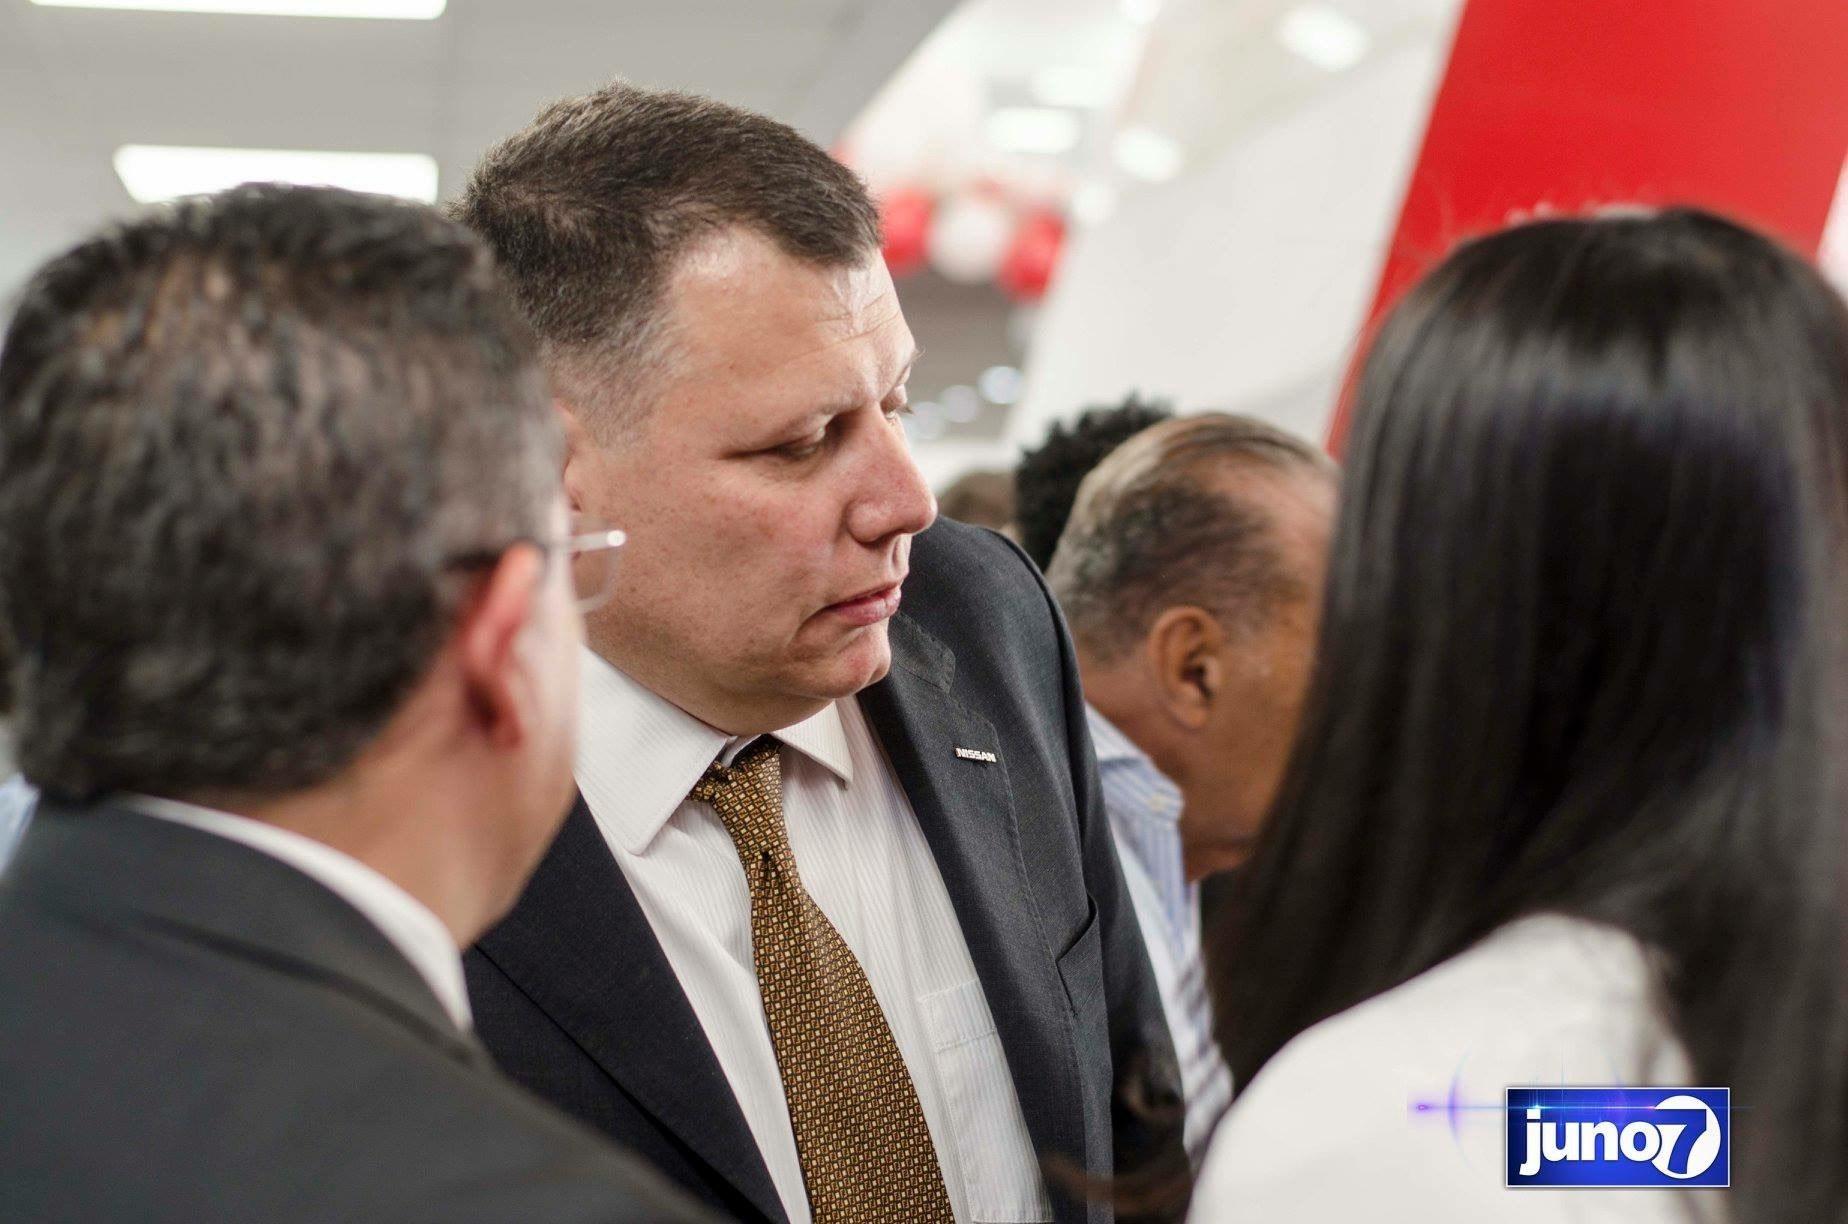 La Nissan Universal Motors inaugure le plus grand showroom de la caraïbe et de l'Amérique latine 59